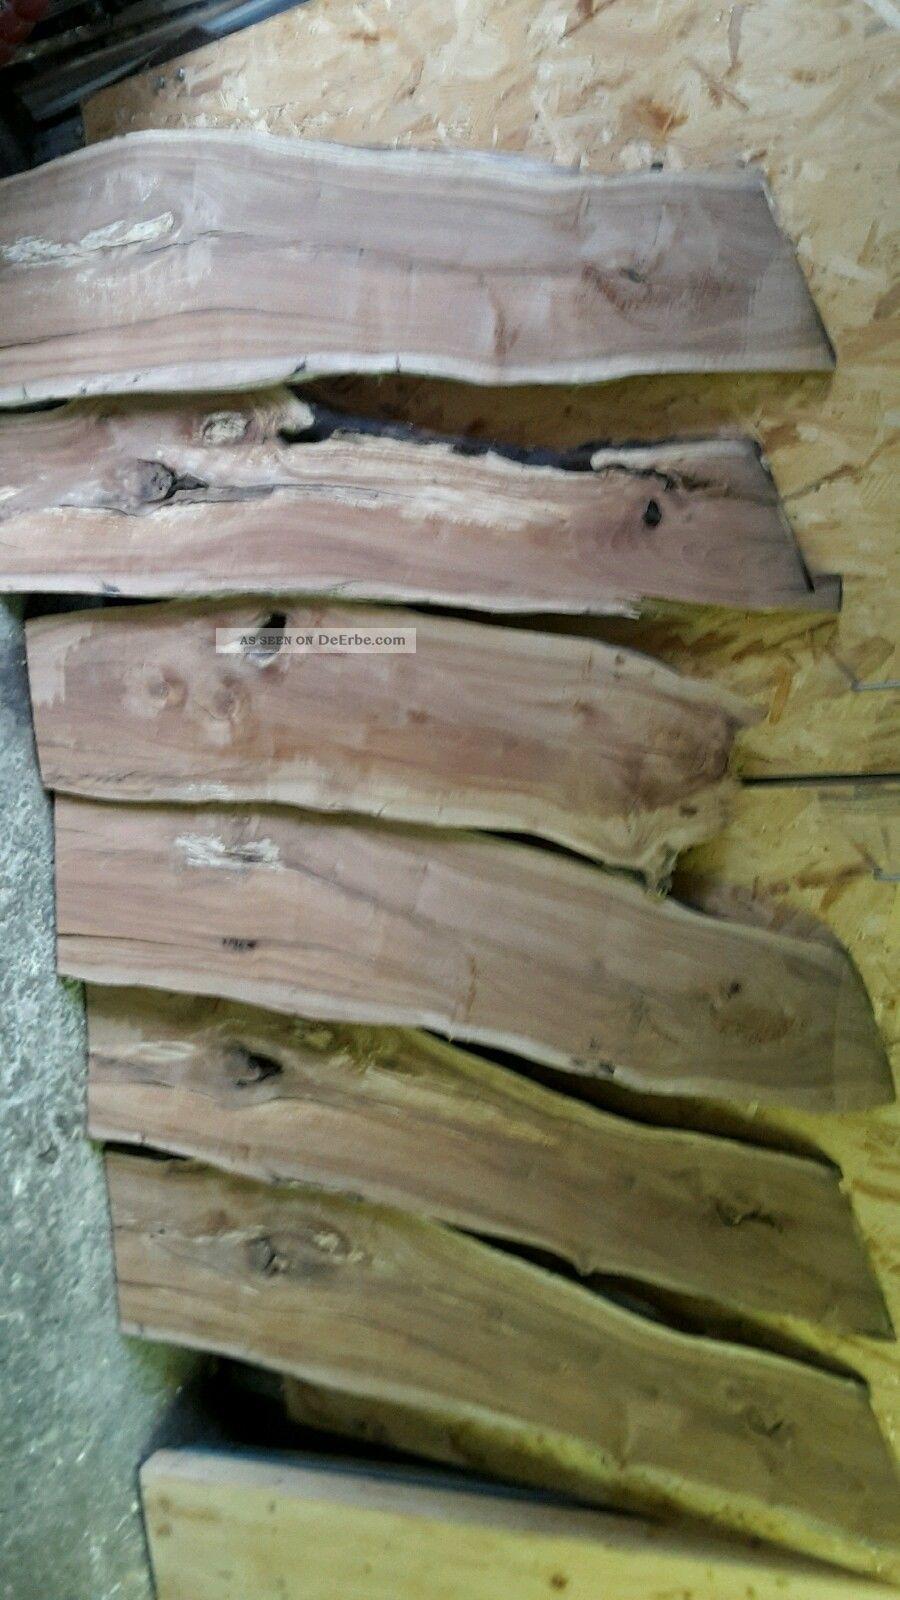 Apfelbaum Holz Bastleholz Drechselholz Holzarbeiten Bild